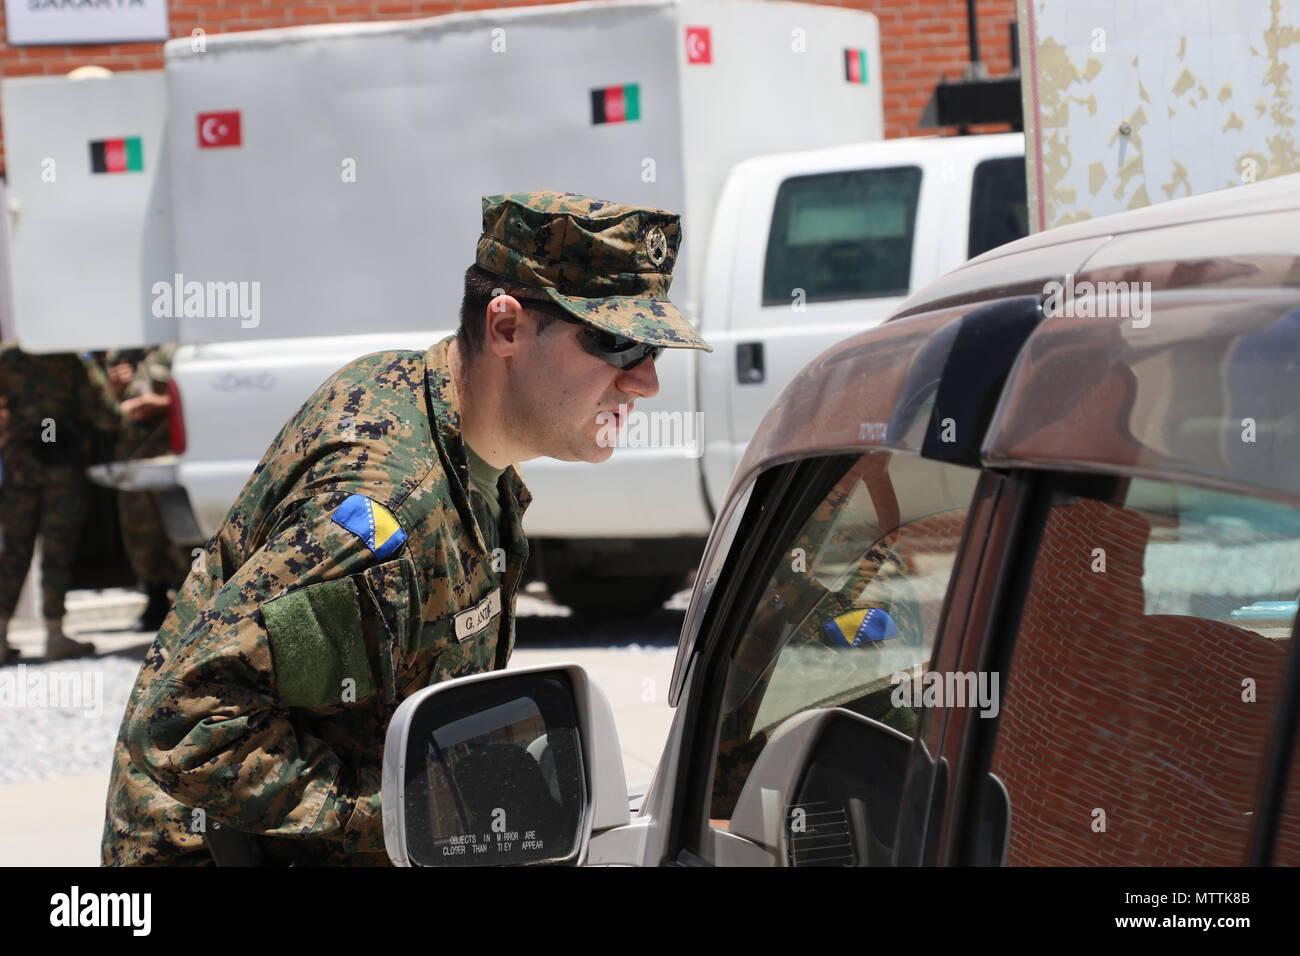 Kaboul, Afghanistan (mai 27, 2018) - Une organisation internationale de la Police militaire des Forces armées de Bosnie-Herzégovine effectue une patrouille de routine à l'Aéroport International d'Hamid Karzaï, le 27 mai 2018. La Bosnie-et-Herzégovine sont l'une des 39 nations qui jouent un rôle important dans l'appui résolu de l'OTAN mission. (Appui résolu photo de Jordanie Belser) Banque D'Images